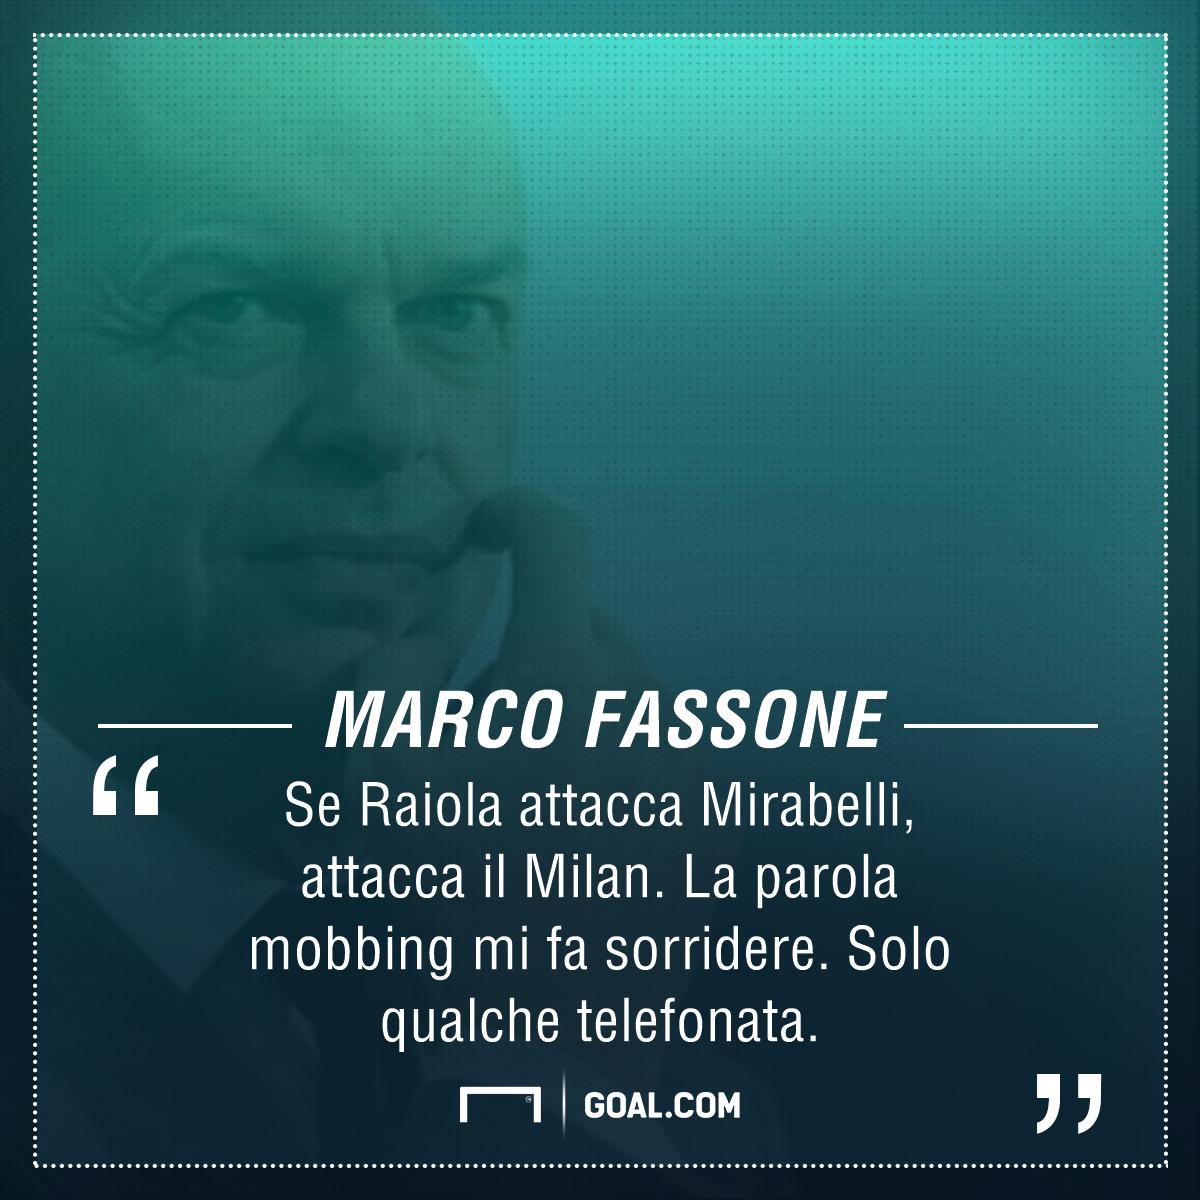 Calciomercato, Fassone: